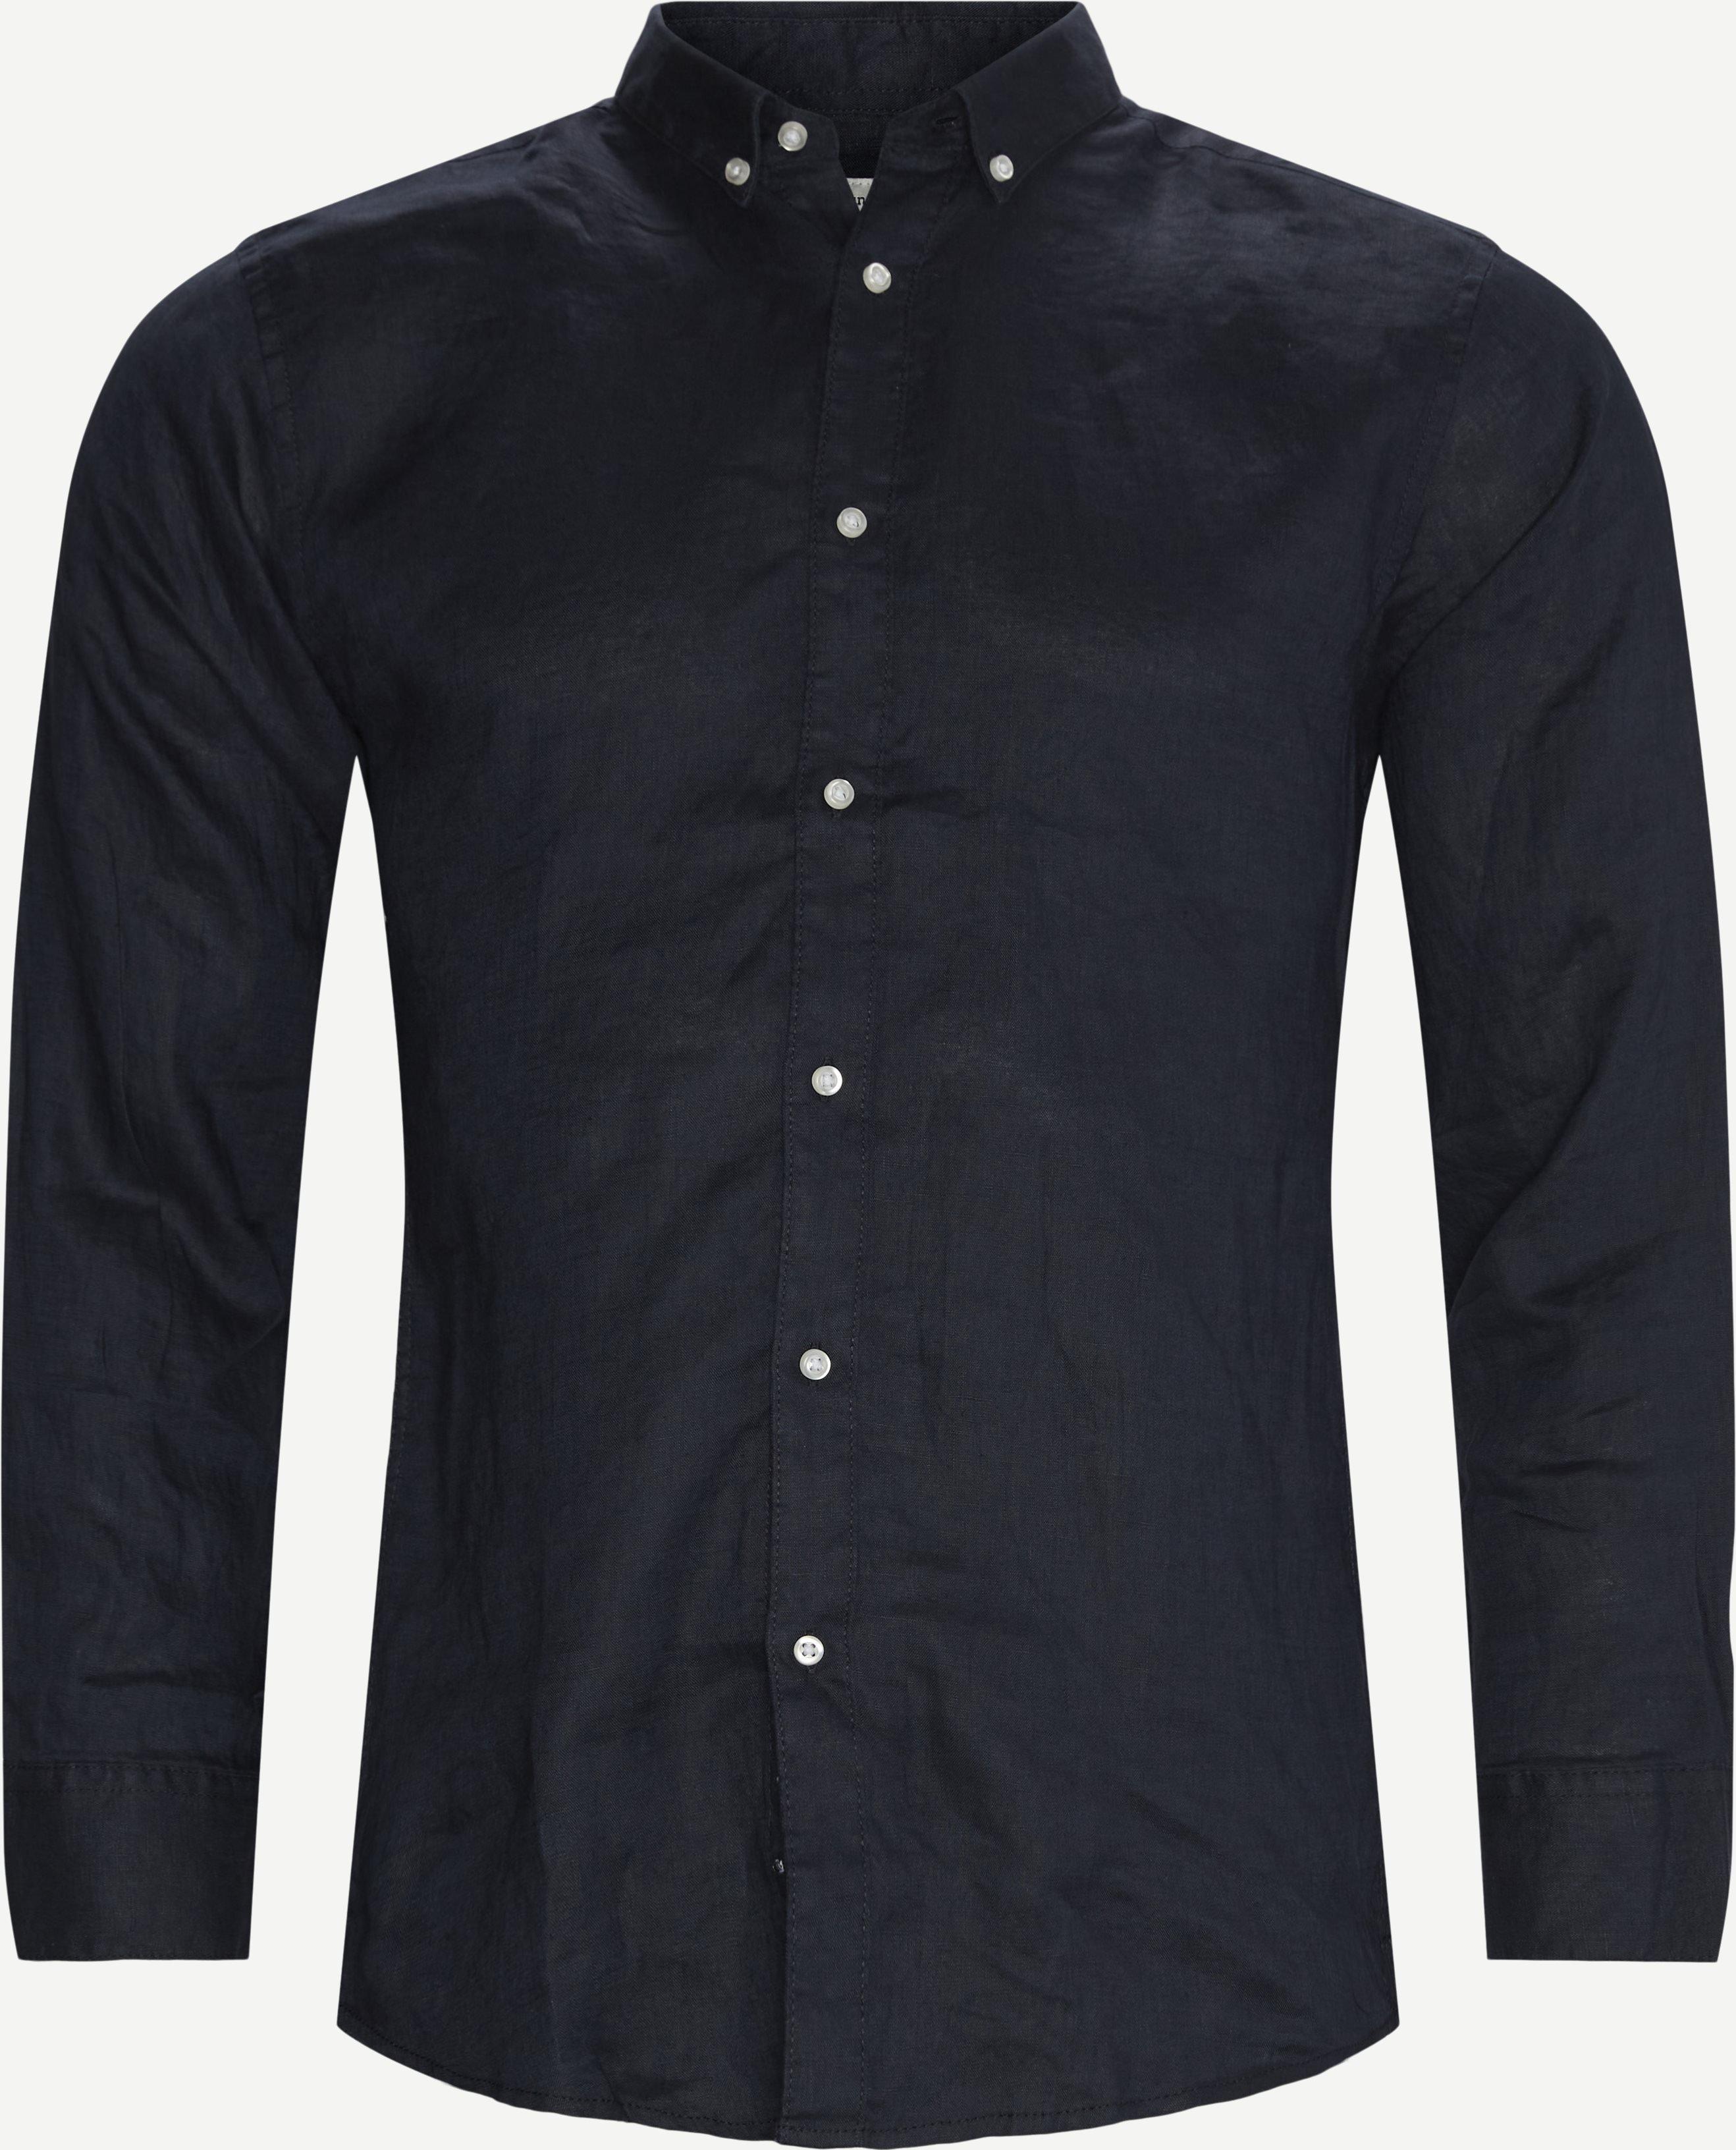 Kochi Skjorte - Skjorter - Regular - Blå